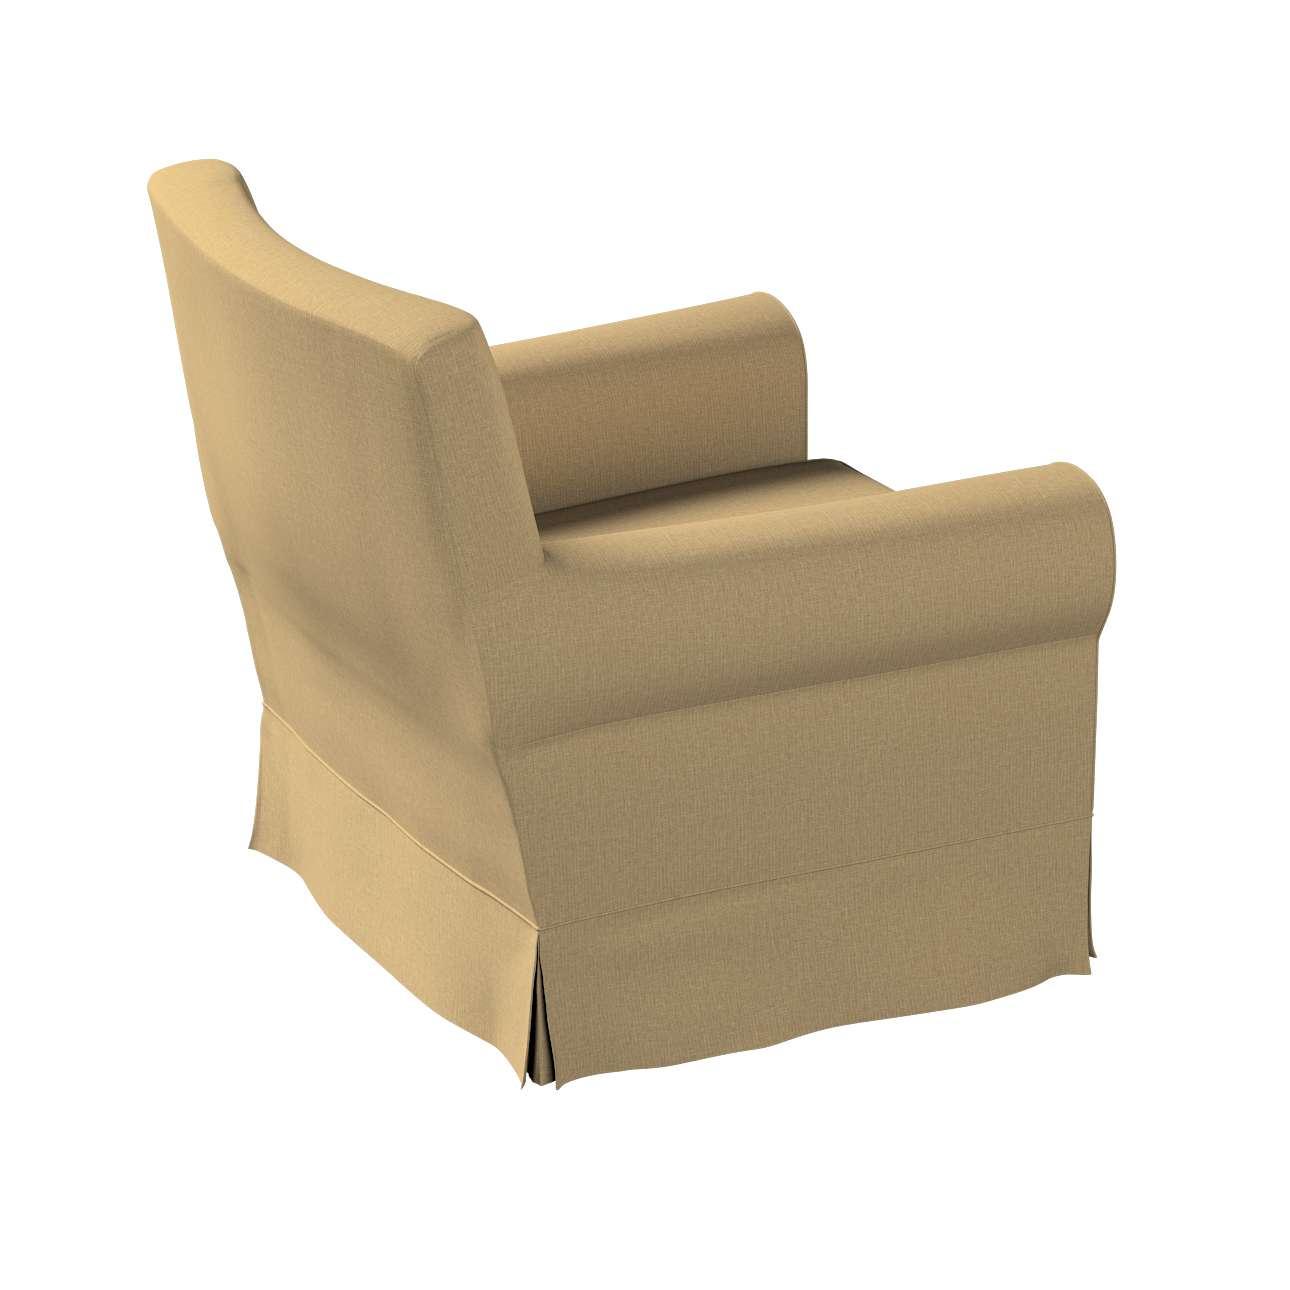 Pokrowiec na fotel Ektorp Jennylund w kolekcji Living, tkanina: 161-50